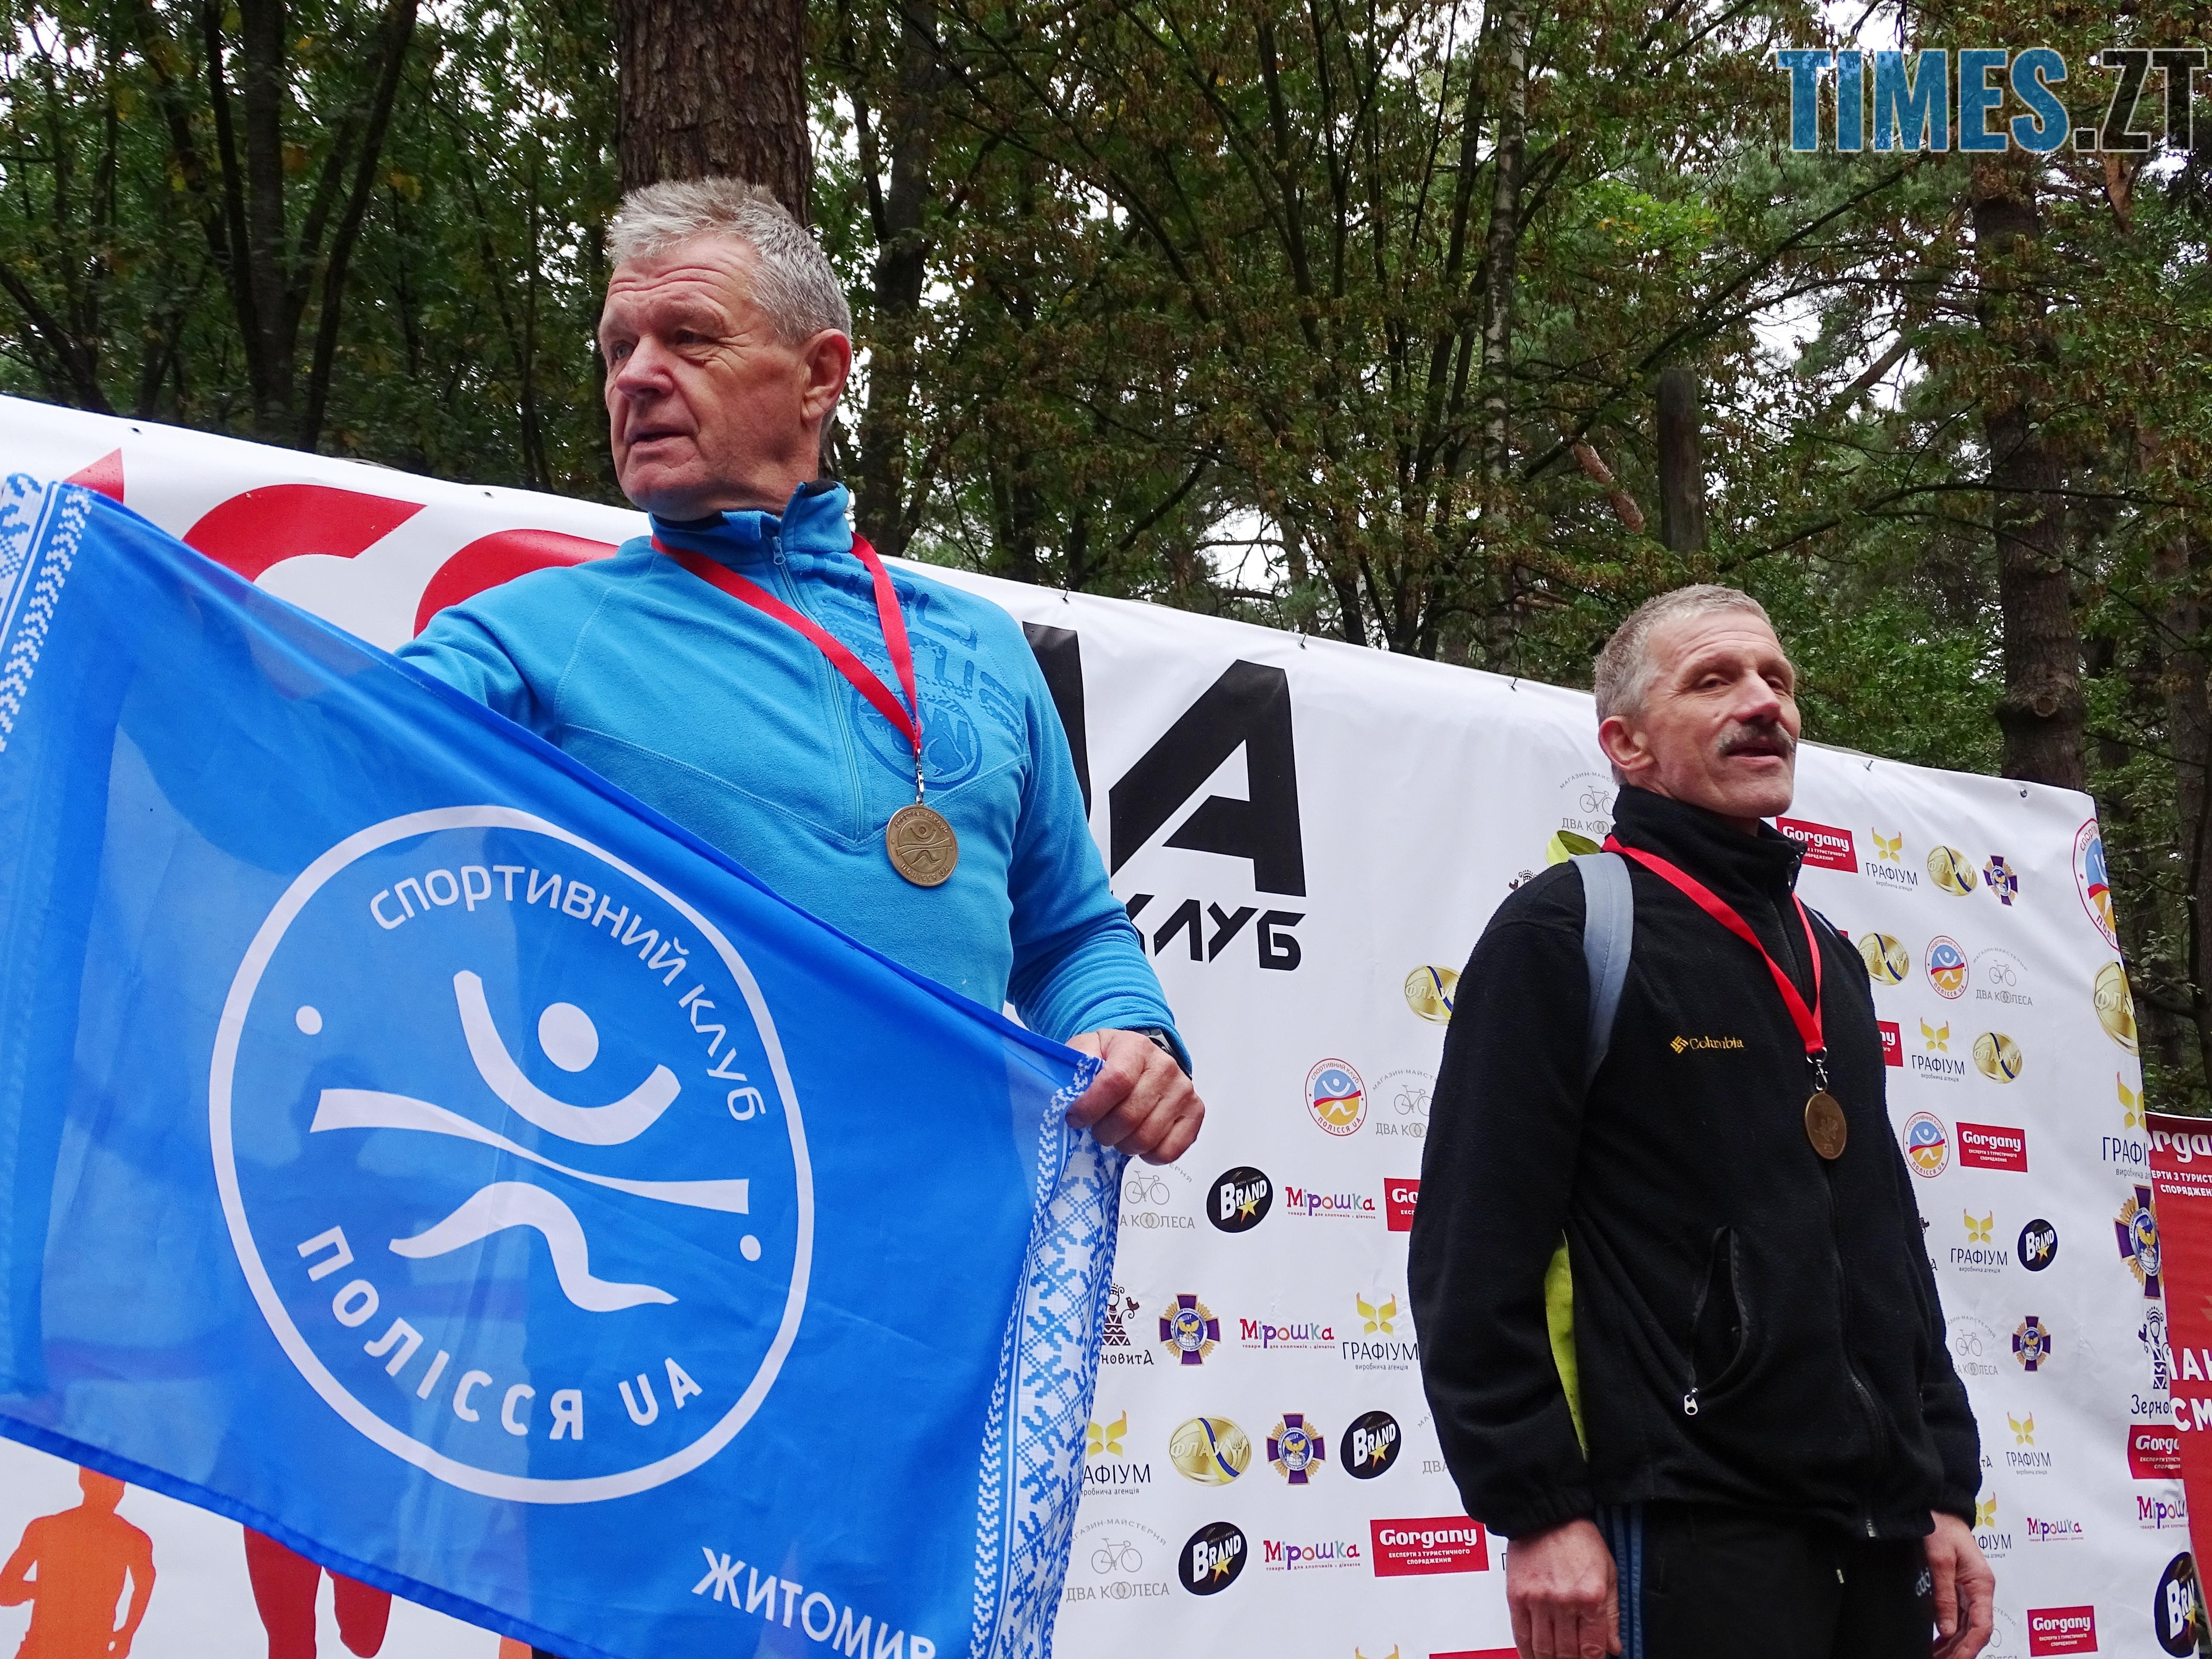 DSC02144 - У Житомирі відбулися змагання з кросу «Поліська осінь – 2018» (ФОТО)